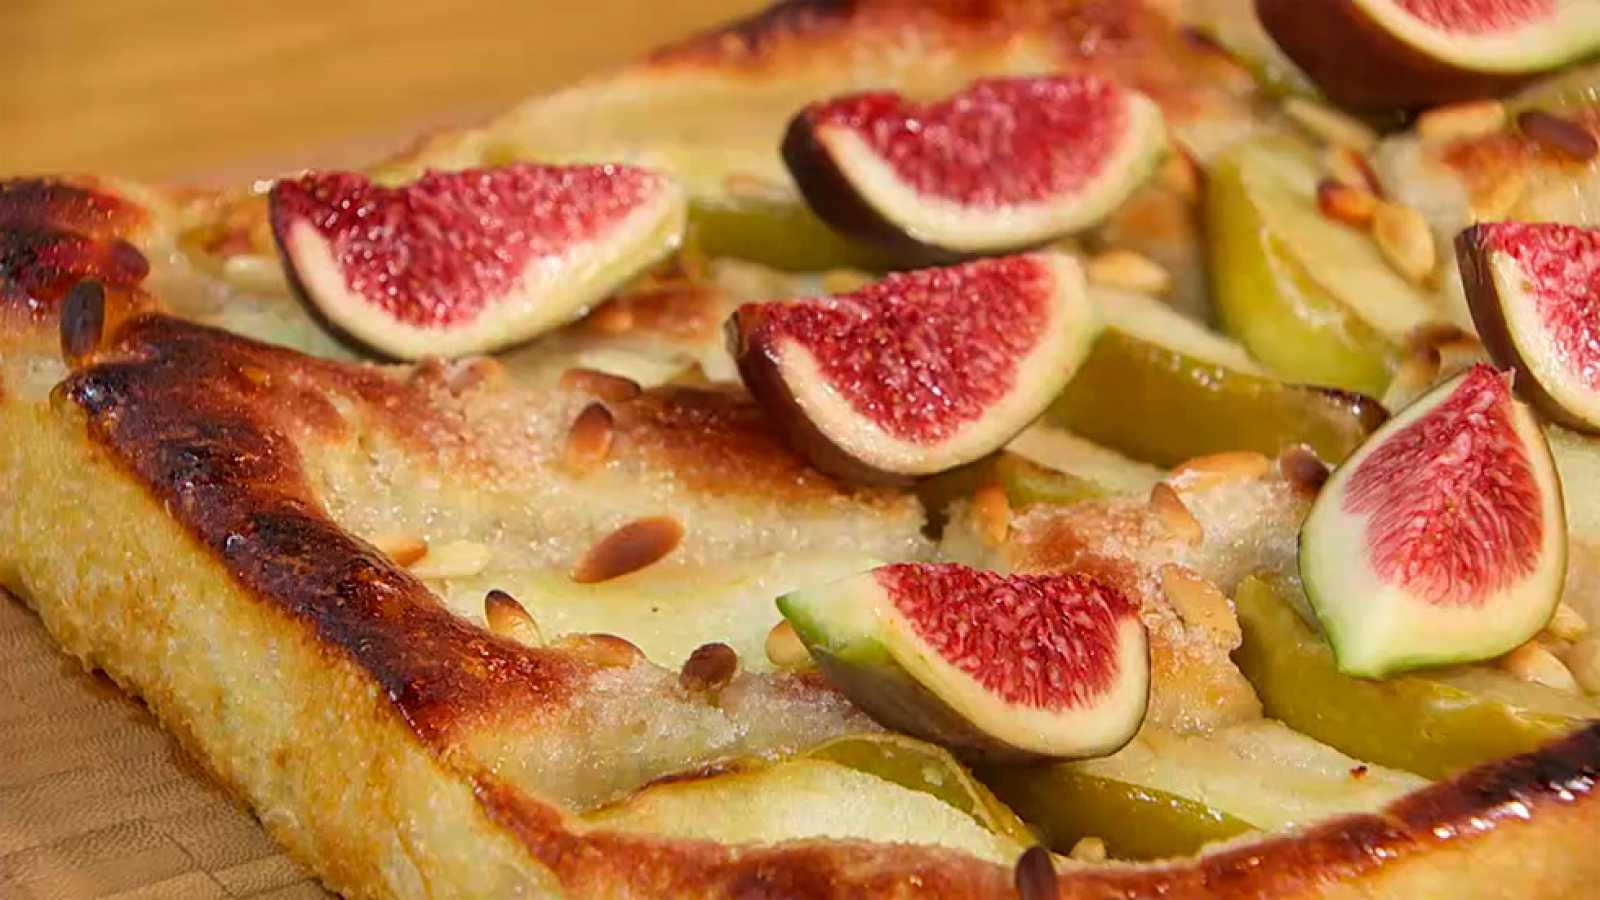 Torres en la cocina - Receta de coca dulce de piñones, manzana e higos